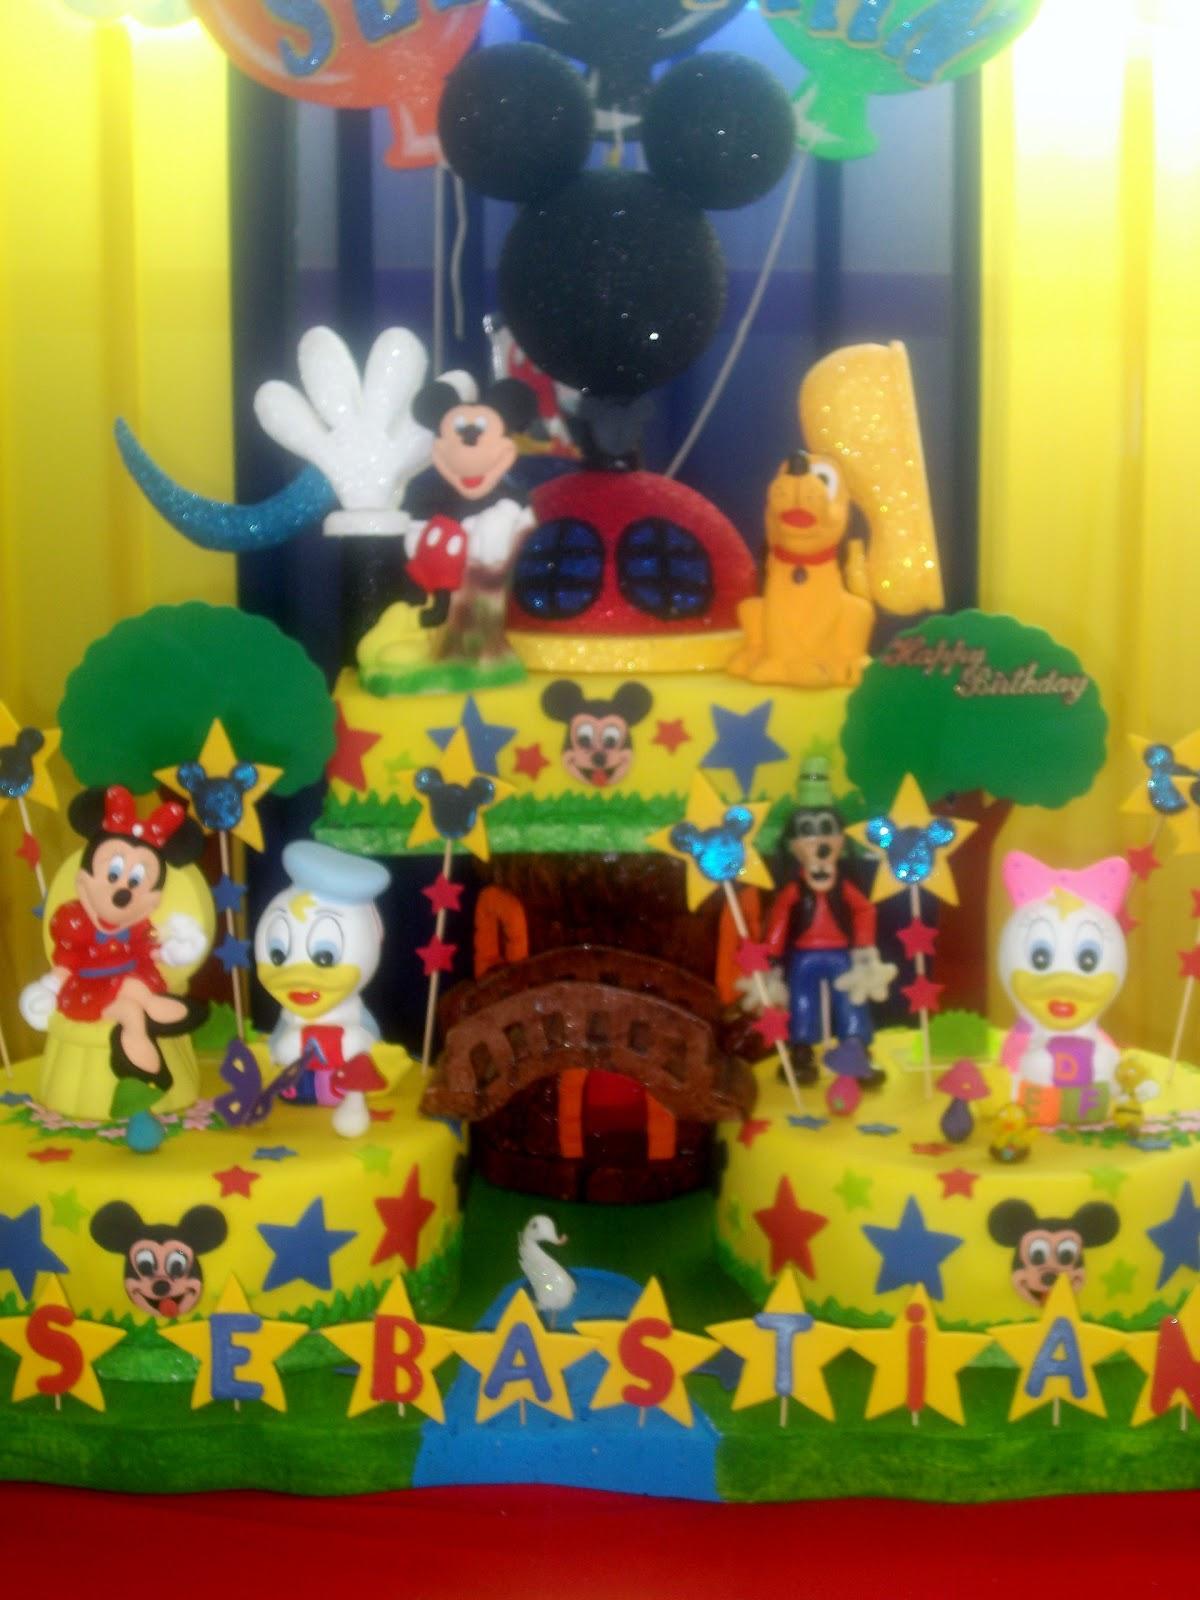 MAGIN CAKES (Tortas Gina): TORTA DE MICKEY MOUSE Y SUS AMIGOS